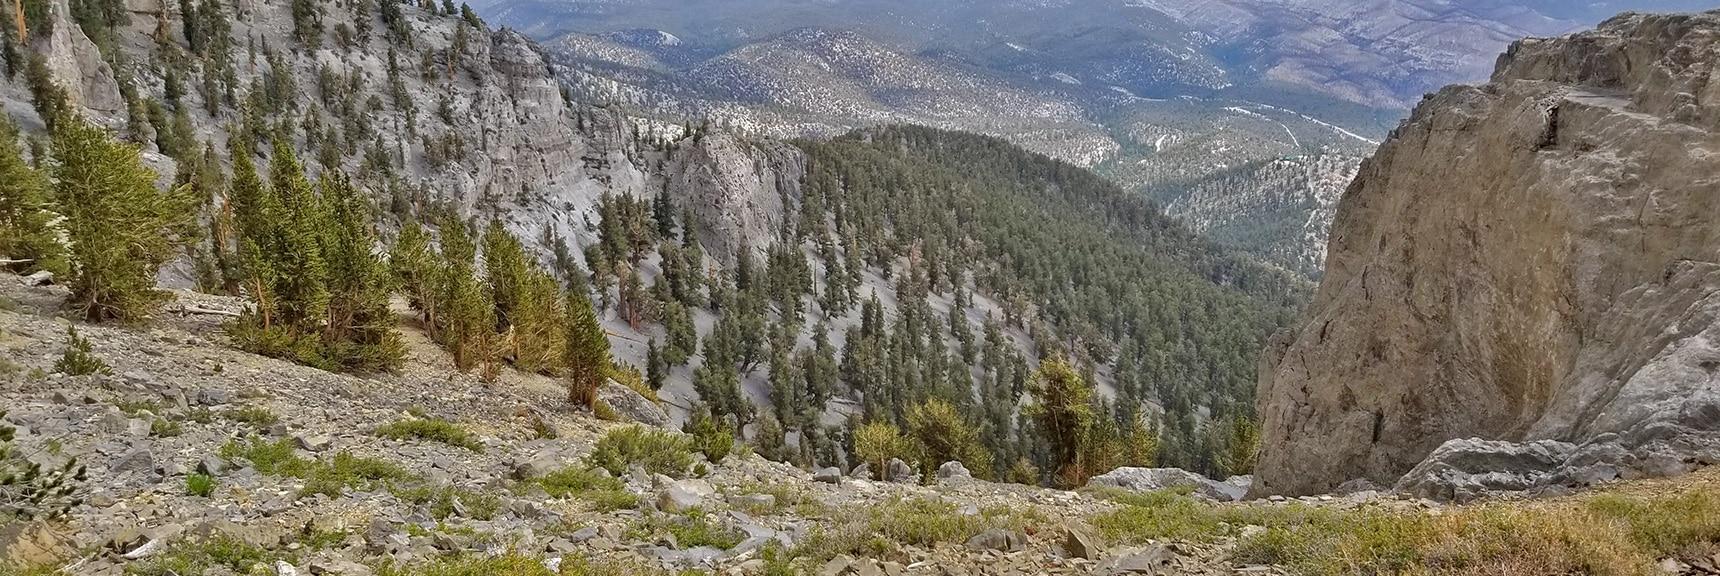 View Down Mummy Mountain's NE Cliffs | Mummy Mountain NE Cliffs Descent | Mt Charleston Wilderness | Spring Mountains, Nevada